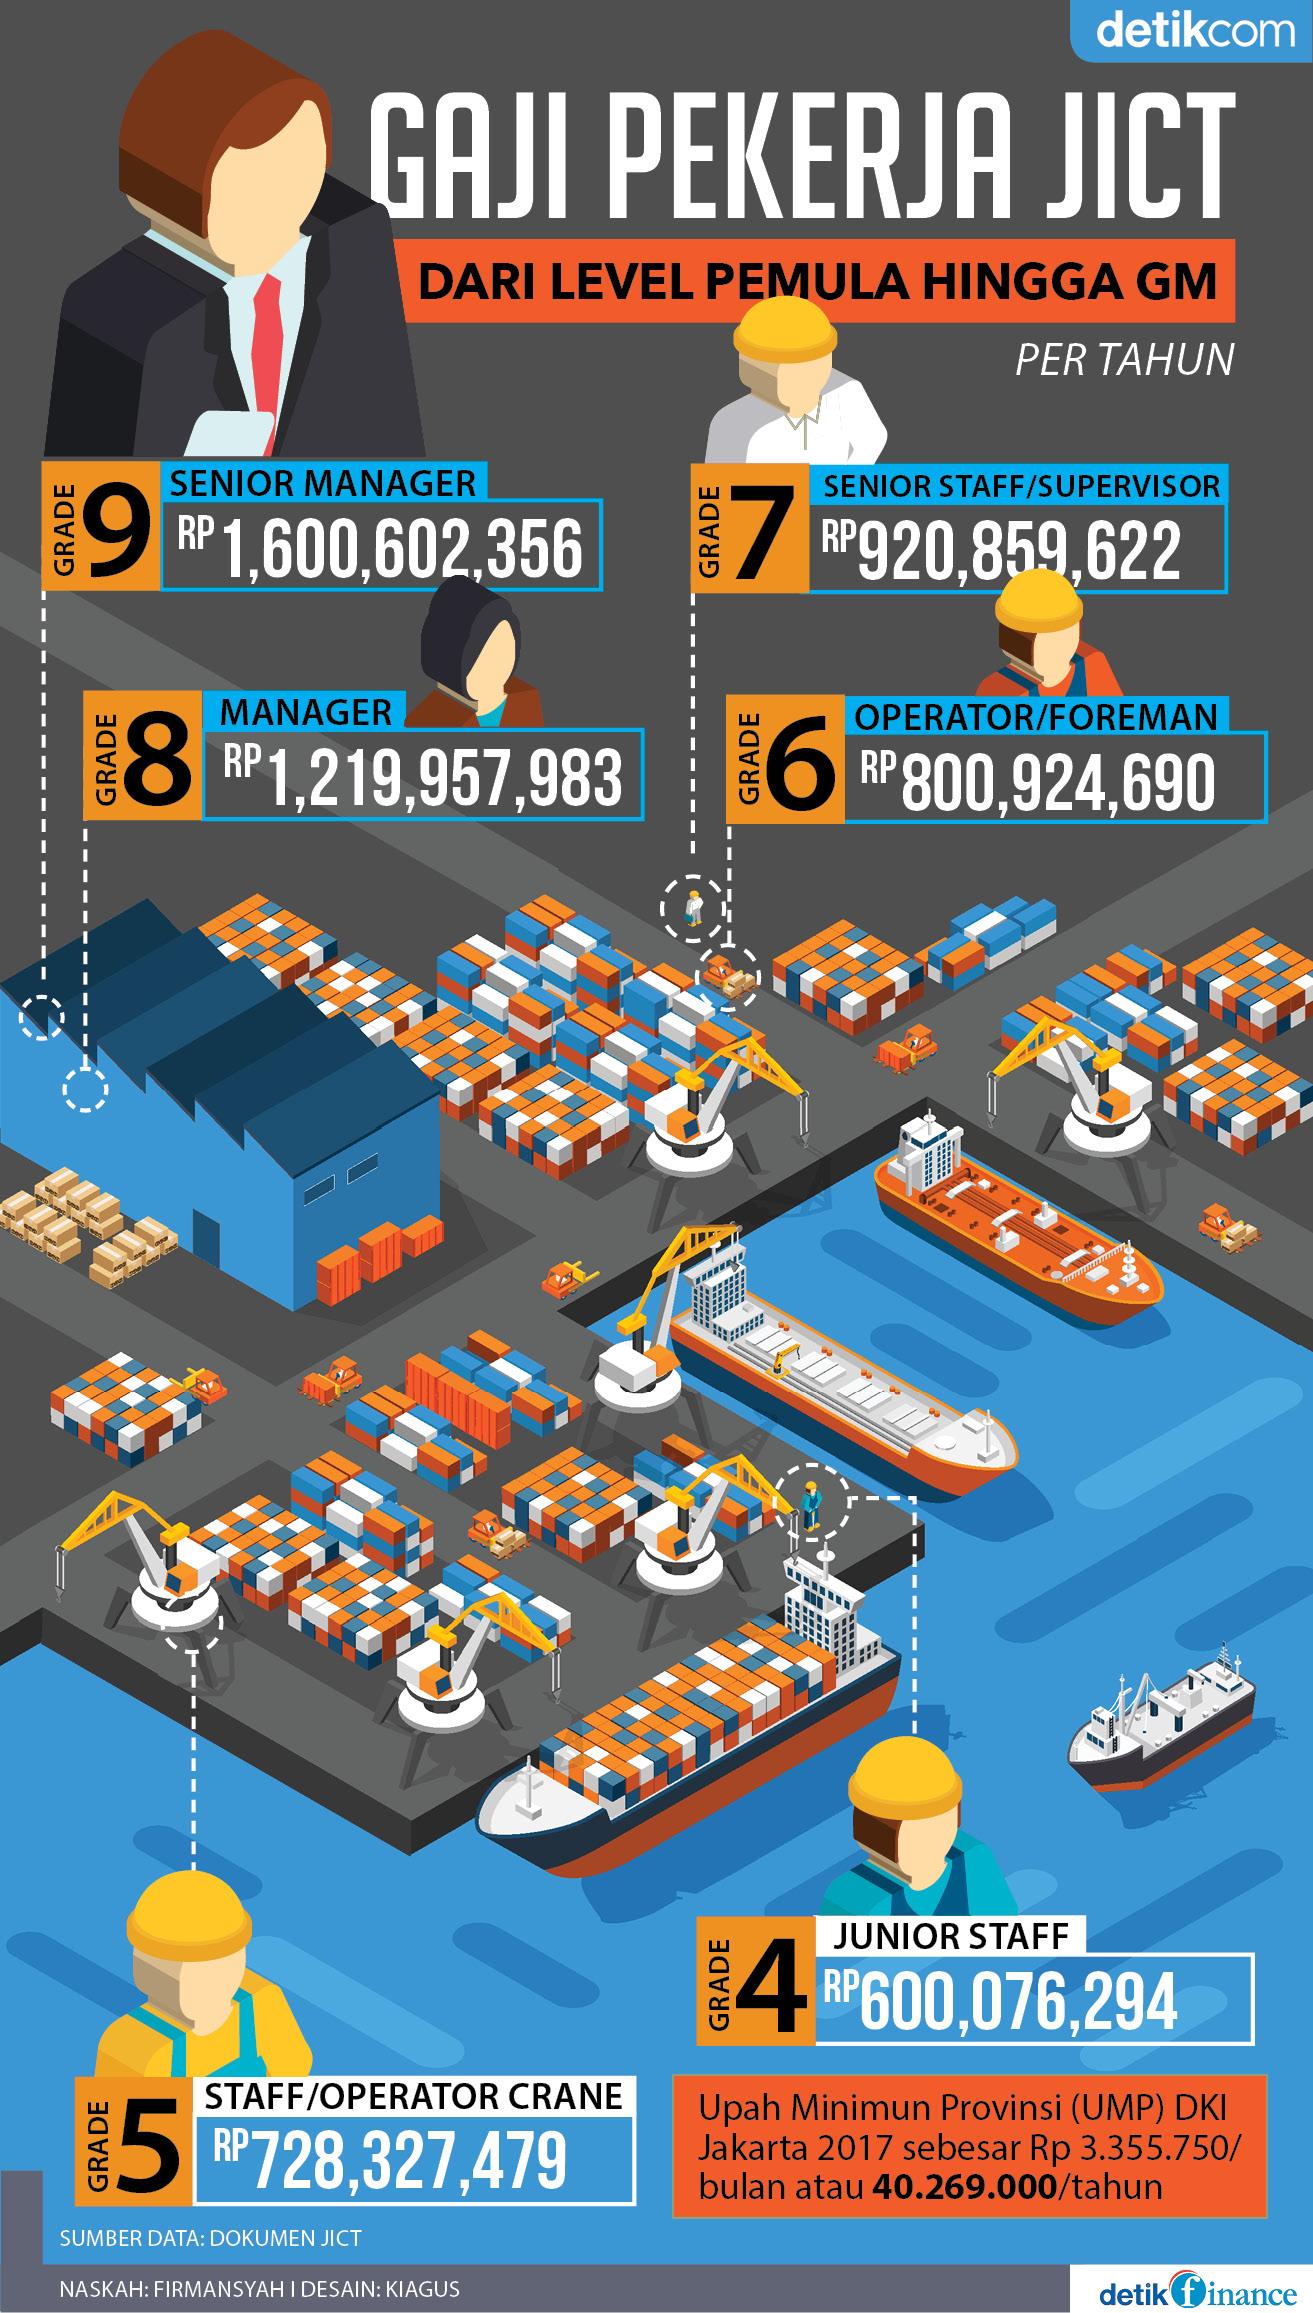 Gaji Pekerja JICT tertinggi di dunia